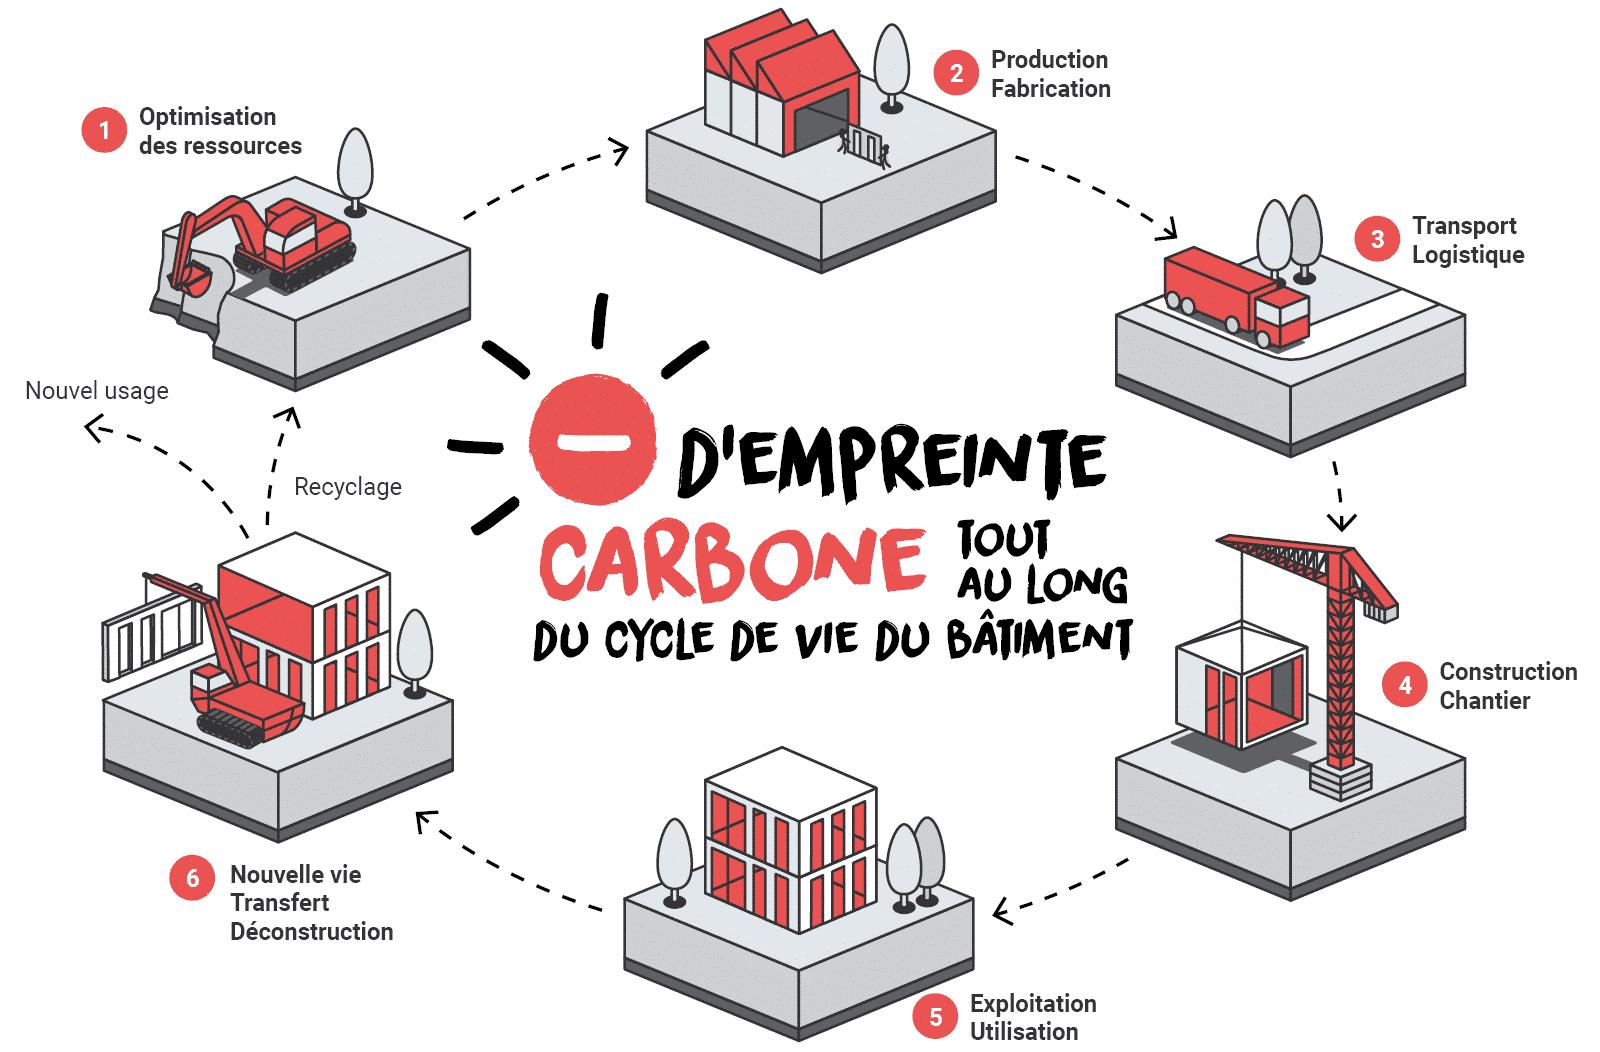 RE2020-empreinte-carbone